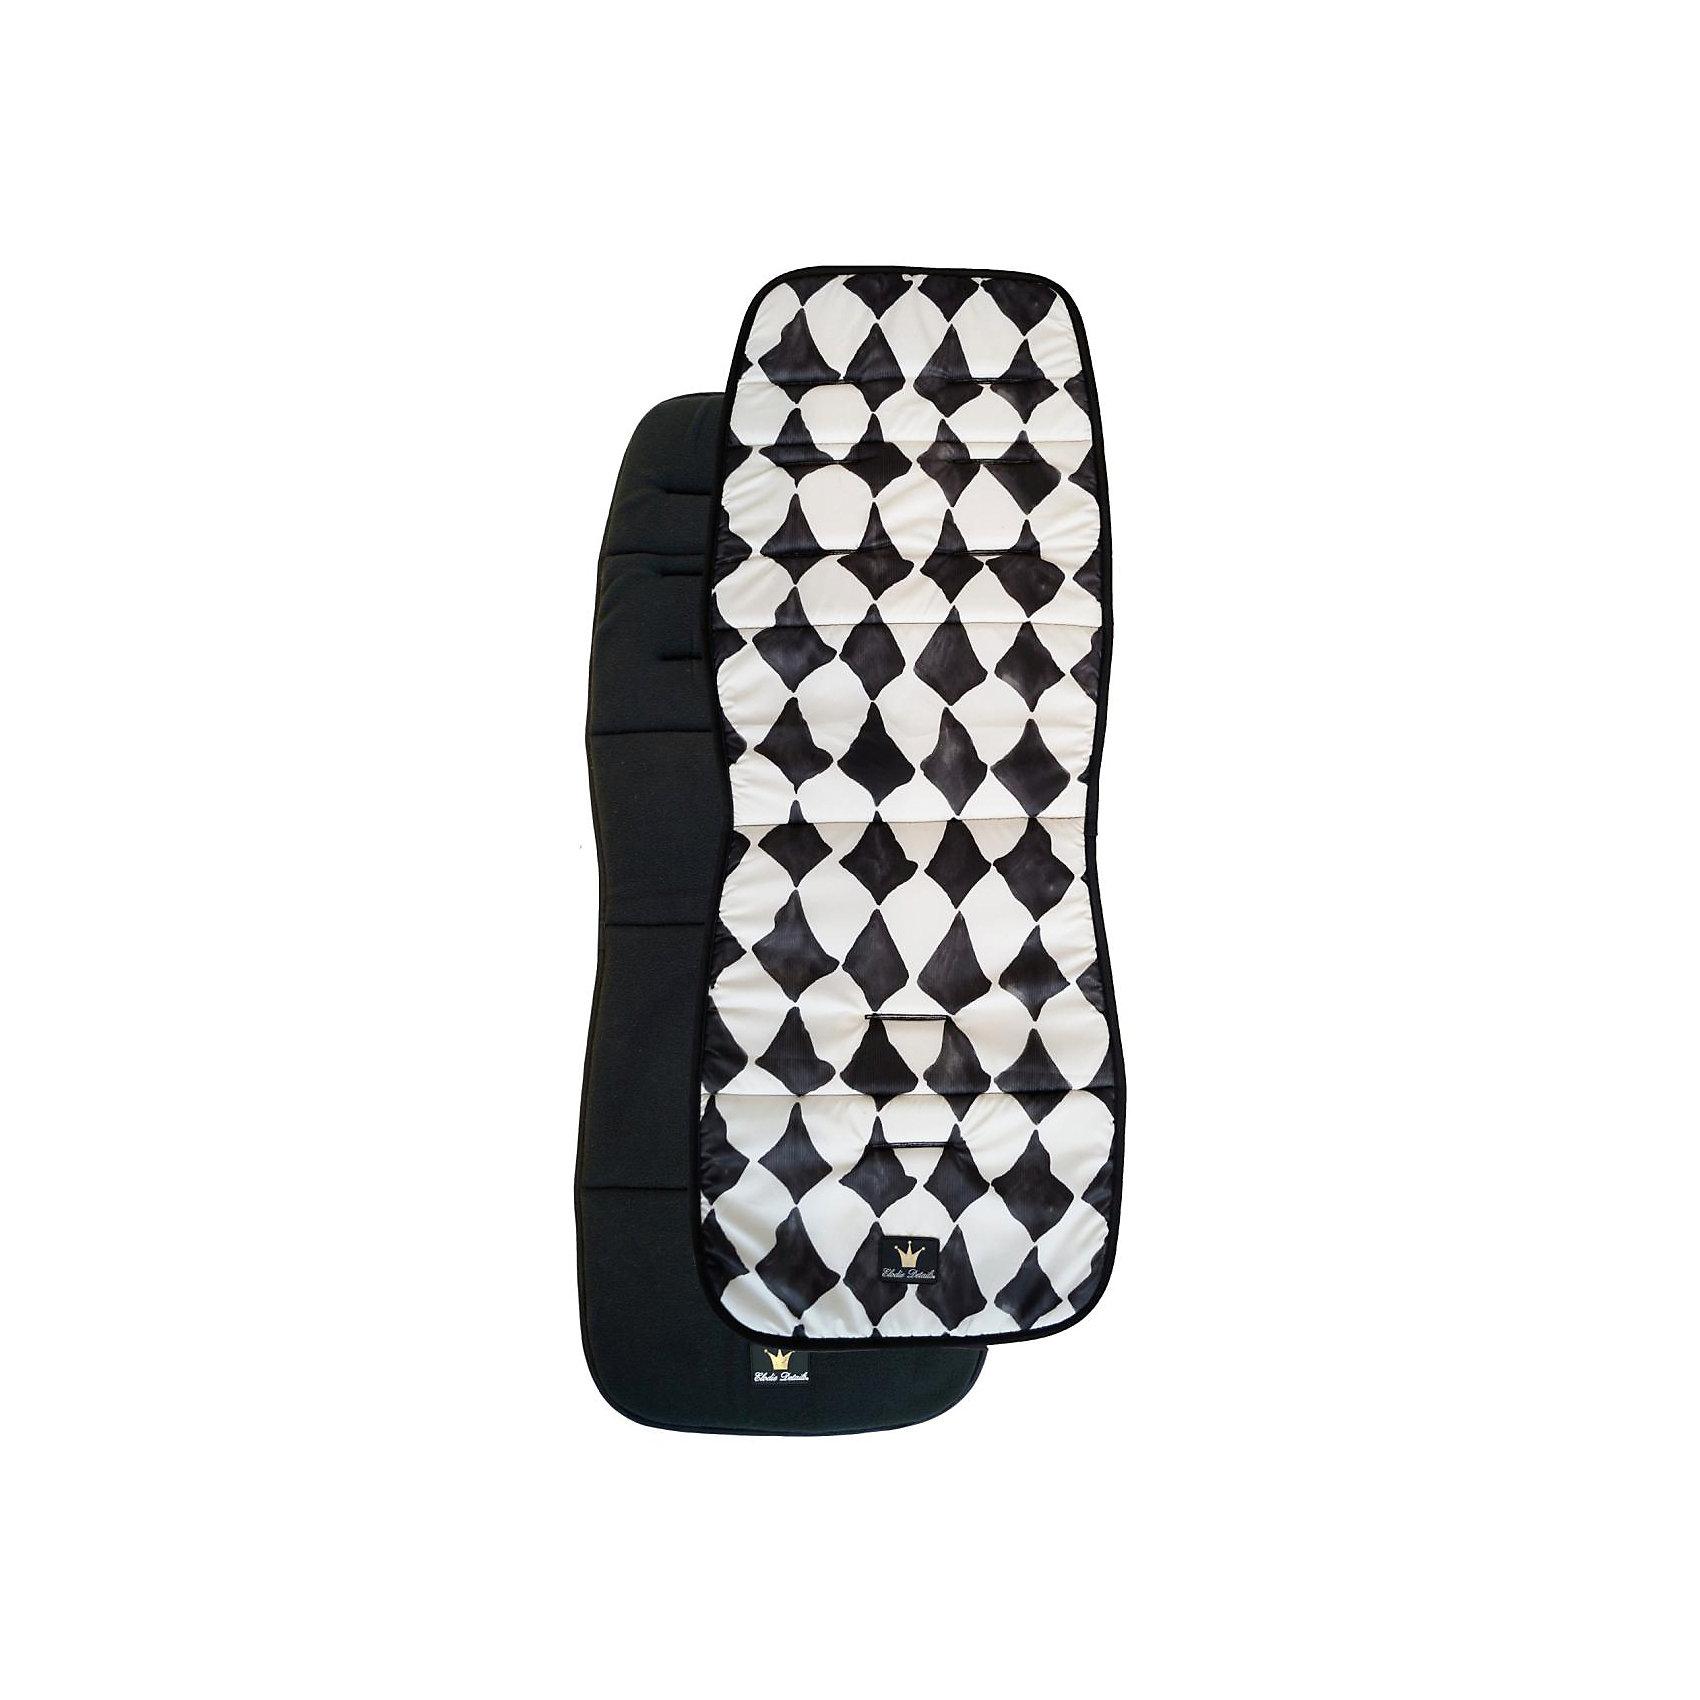 Матрасик в коляску Graphic Grace, Elodie DetailsМатрасик в коляску Elodie Details          Мягкий двусторонний матрасик удобен тем, что его можно использовать как в холодное, так и в теплое время года. Зимняя сторона выполнена из теплого флиса и послужит надежным подогревом малышу. Для летней стороны использован материал рипстоп - ткань со специальной уплотненной структурой плетения, которая отличается высокой прочностью и простотой в уходе.              - 2 стороны из разных материалов              - летняя сторона легко моется              - матрасик является дополнительным удобством для ребенка и родителей: прогулка становится комфортнее, а множество вариантов дизайна коляски, которые можно получить - прибавят настроения              - помогает поддерживать чистоту - если во время прогулки матрасик запачкается - его можно перевернуть на другую сторону, а если еще раз запачкается - можно вообще снять             - три уровня отверстий для ремней безопасности коляски по высоте            - состав - 55% cotton, 45% polyester                         Размеры:            - ширина спинки 32 см            - ширина сиденья 33 см            - вся длина 85 см.            - ширина середины матрасика в зауженой части 29 см                      На фотографии матрасик показан на коляске Elodie Details Stockholm. Параметры ее сиденья: ширина 33 см, глубина с подножкой 36 см, без подножки 21 см; спинка: ширина 31 см, высота 46 см.                     Коляски, конверты, нагрудники, клипсы для пустышек, сумки для мам - все это необходимые вещи повседневной жизни мамы и ребенка. Шведская компания Elodie detalis создает эти предметы уникальными и неповторимыми. Превосходное качество, стиль и практичность сделали компанию популярной во всем мире.<br><br>Ширина мм: 440<br>Глубина мм: 320<br>Высота мм: 40<br>Вес г: 300<br>Возраст от месяцев: 6<br>Возраст до месяцев: 36<br>Пол: Унисекс<br>Возраст: Детский<br>SKU: 4966155